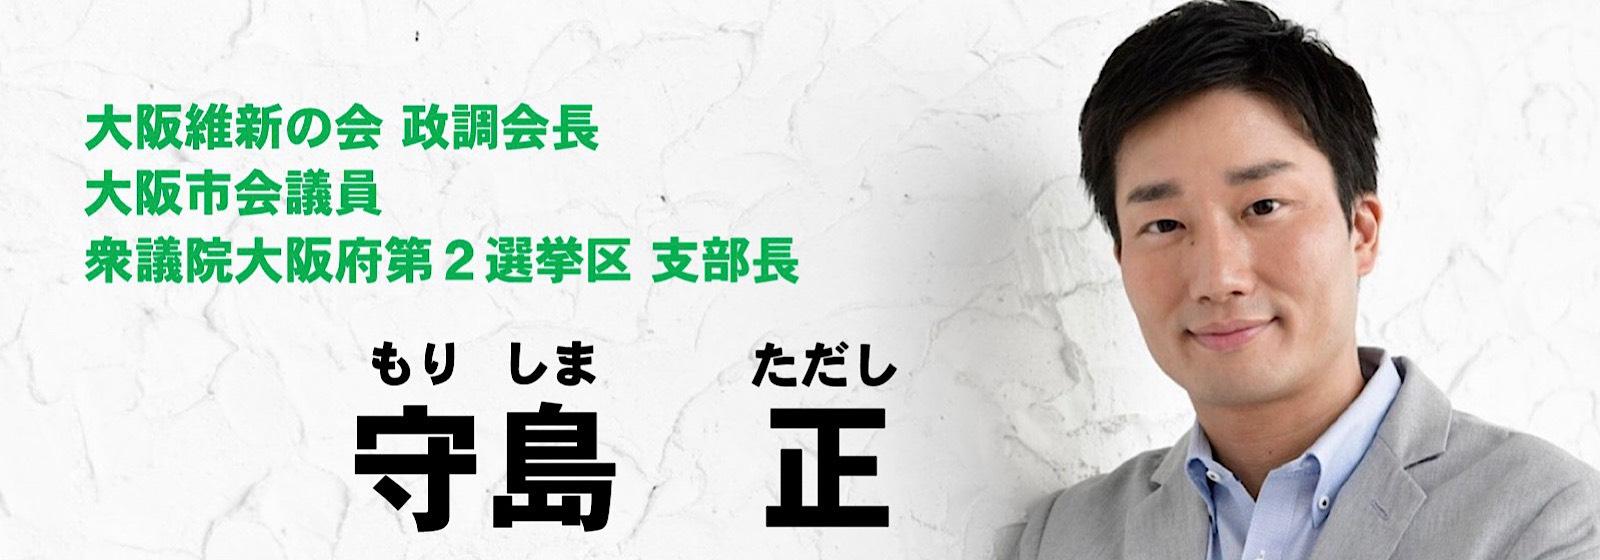 大阪市会議員 守島正